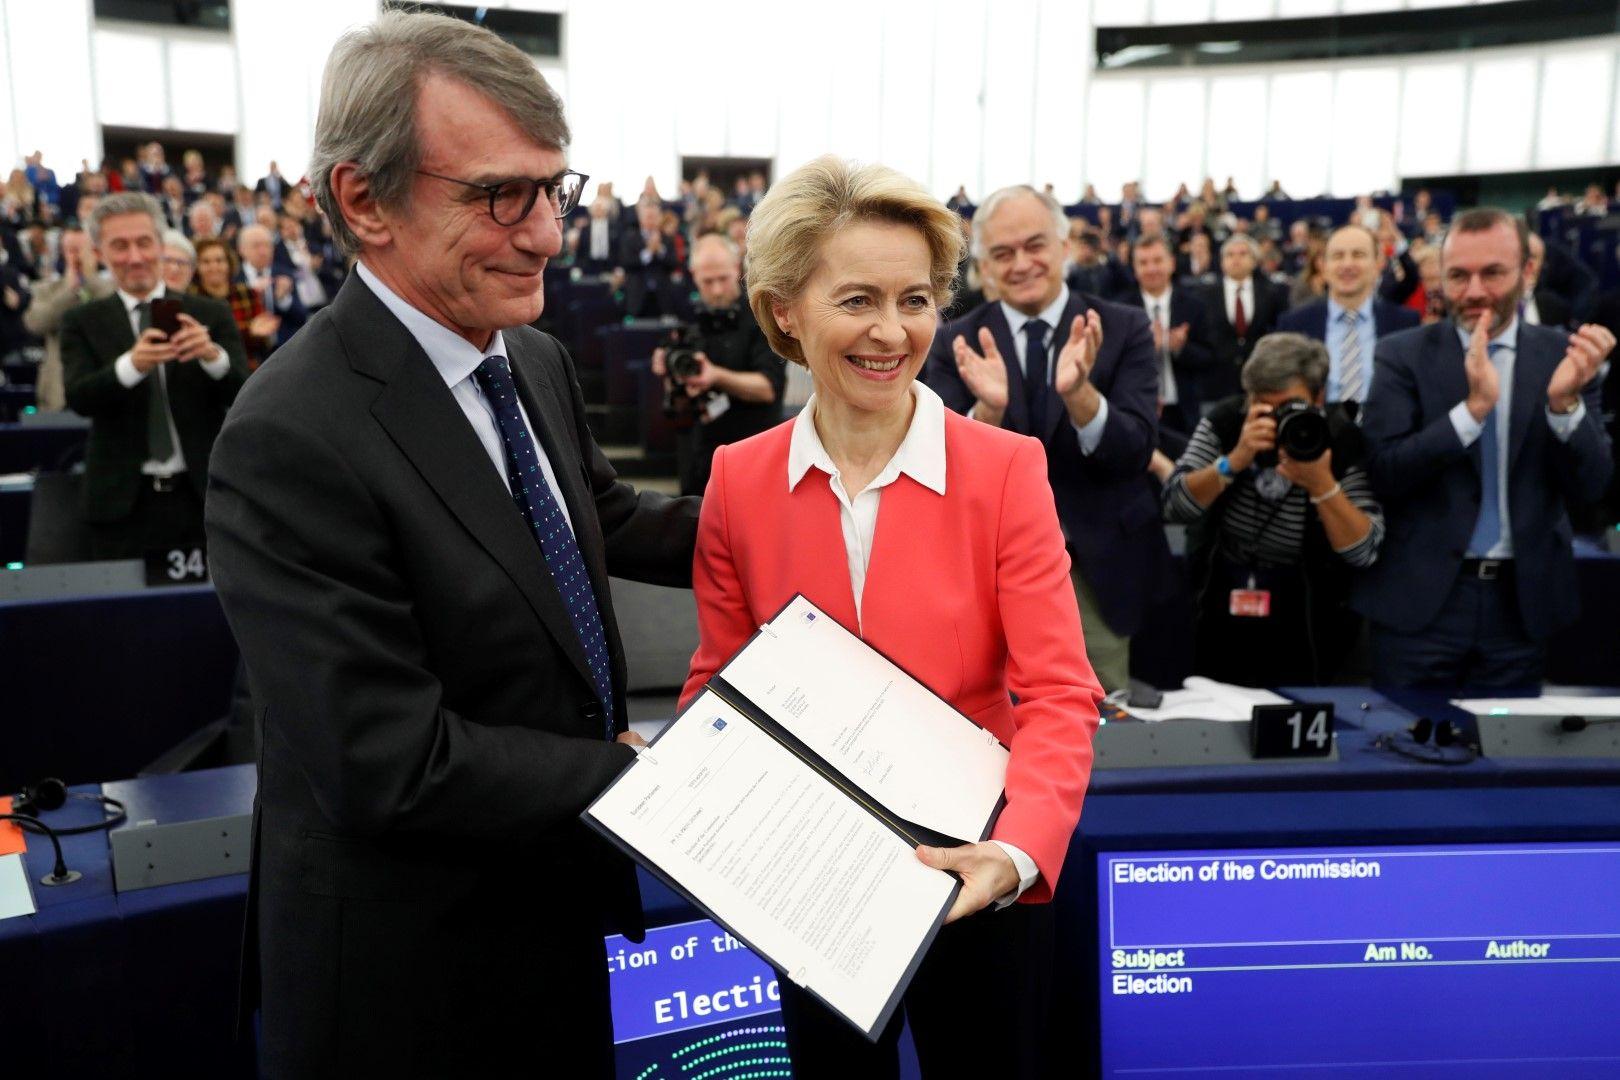 Председателят на Европейския парламент Давид Сасоли връчва документа за избор на новата Европейска комисия на нейния председател Урсула фон дер Лайен